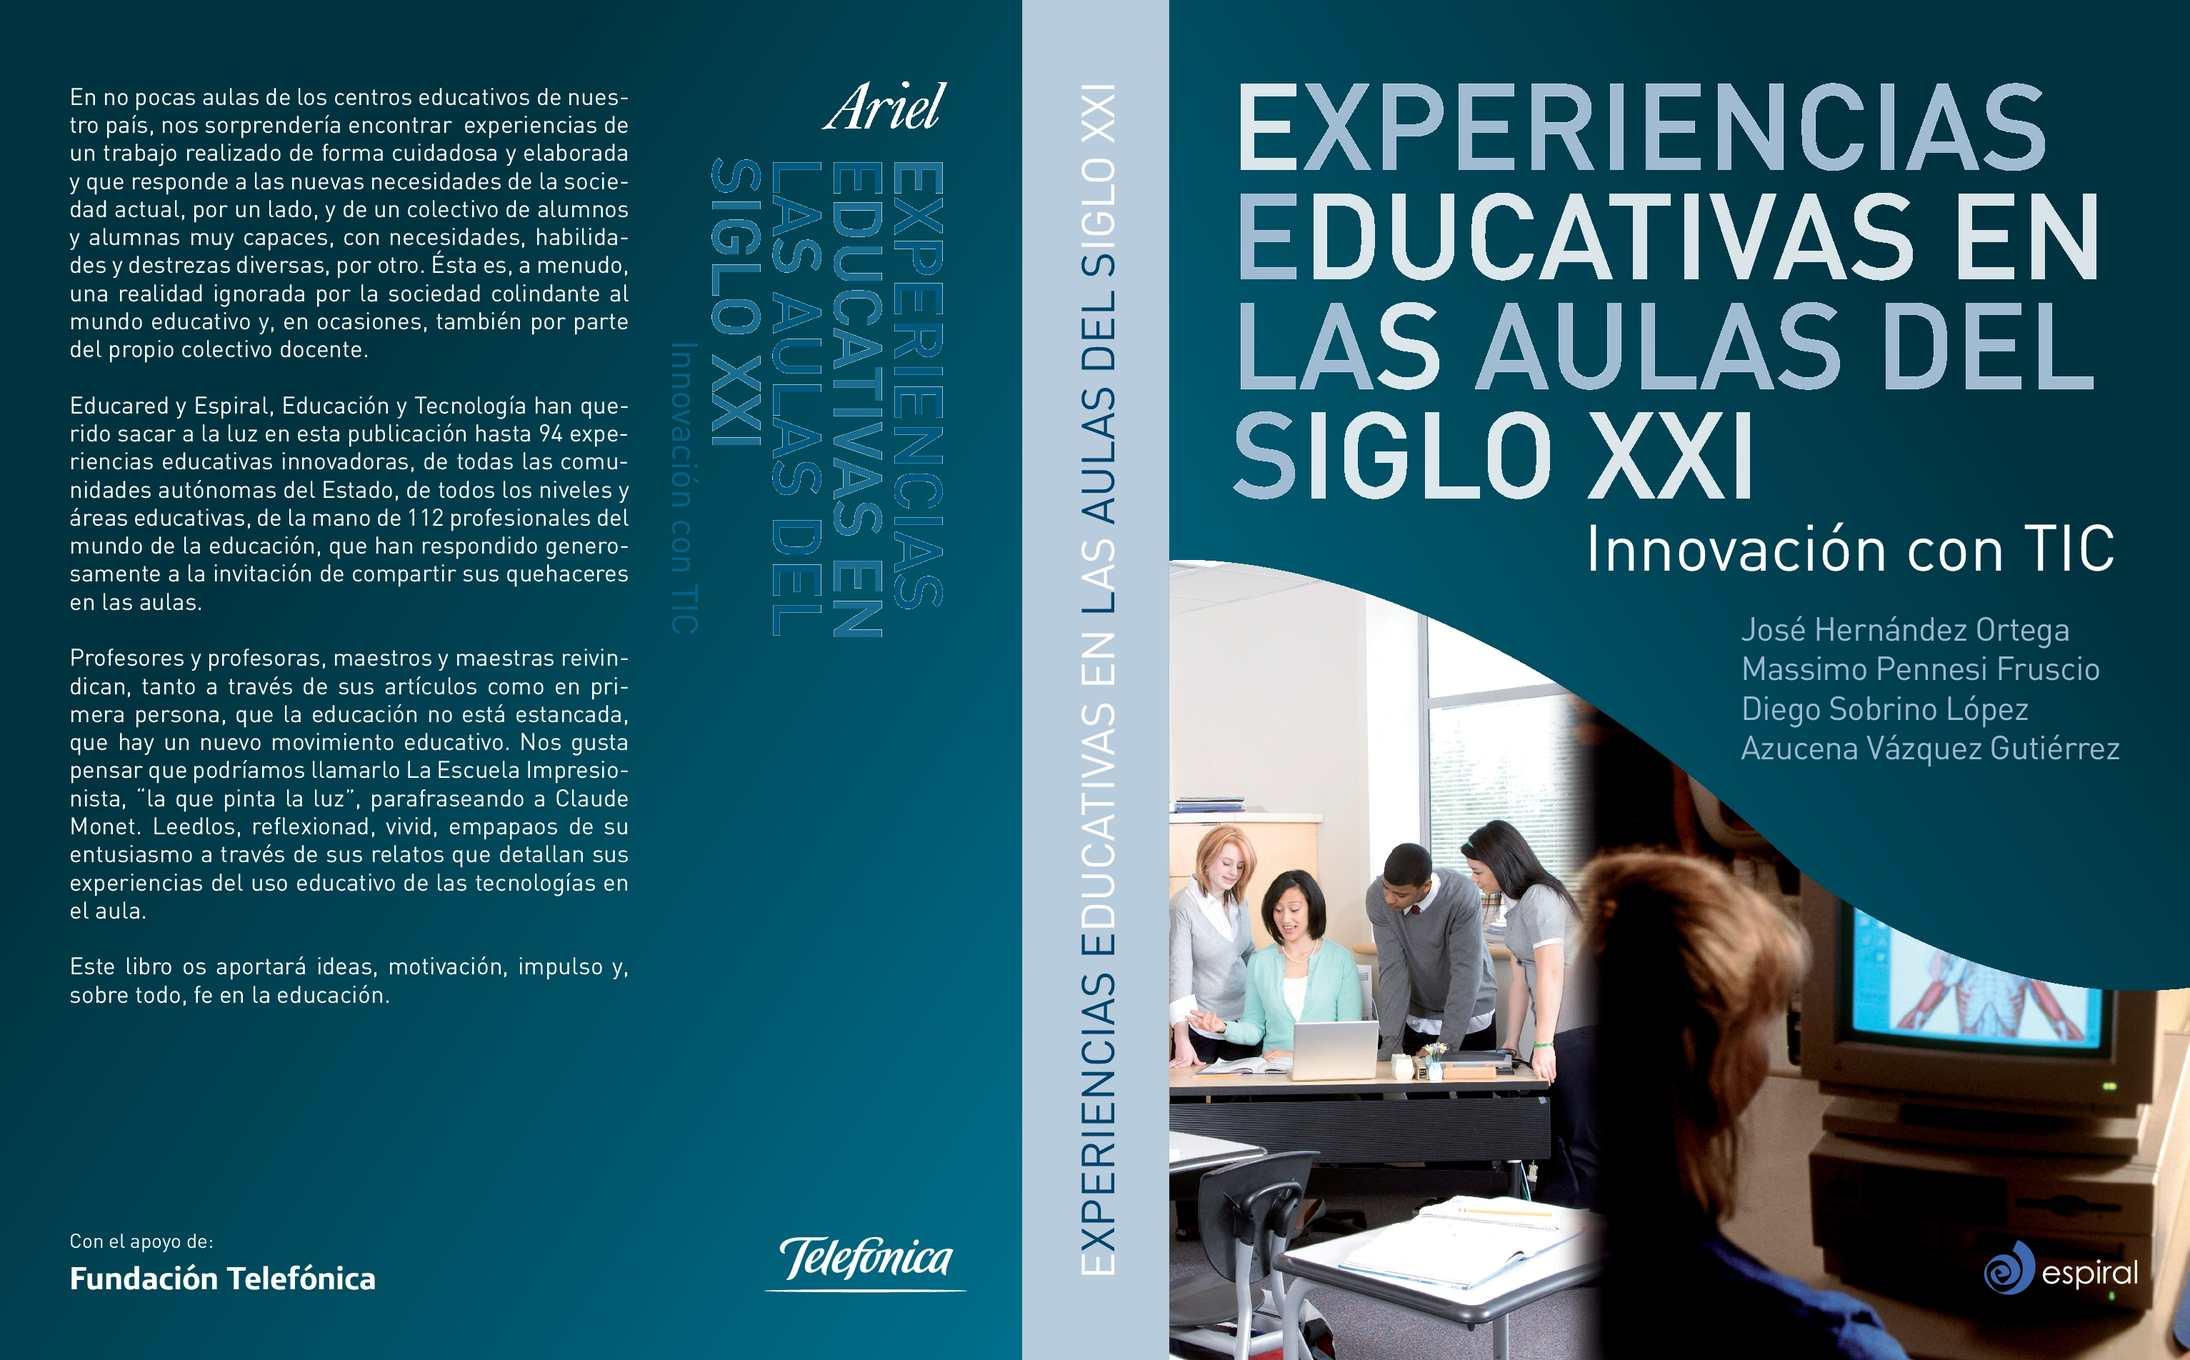 Calaméo - 225 Experiencias educativas20 08cfb3bd40424